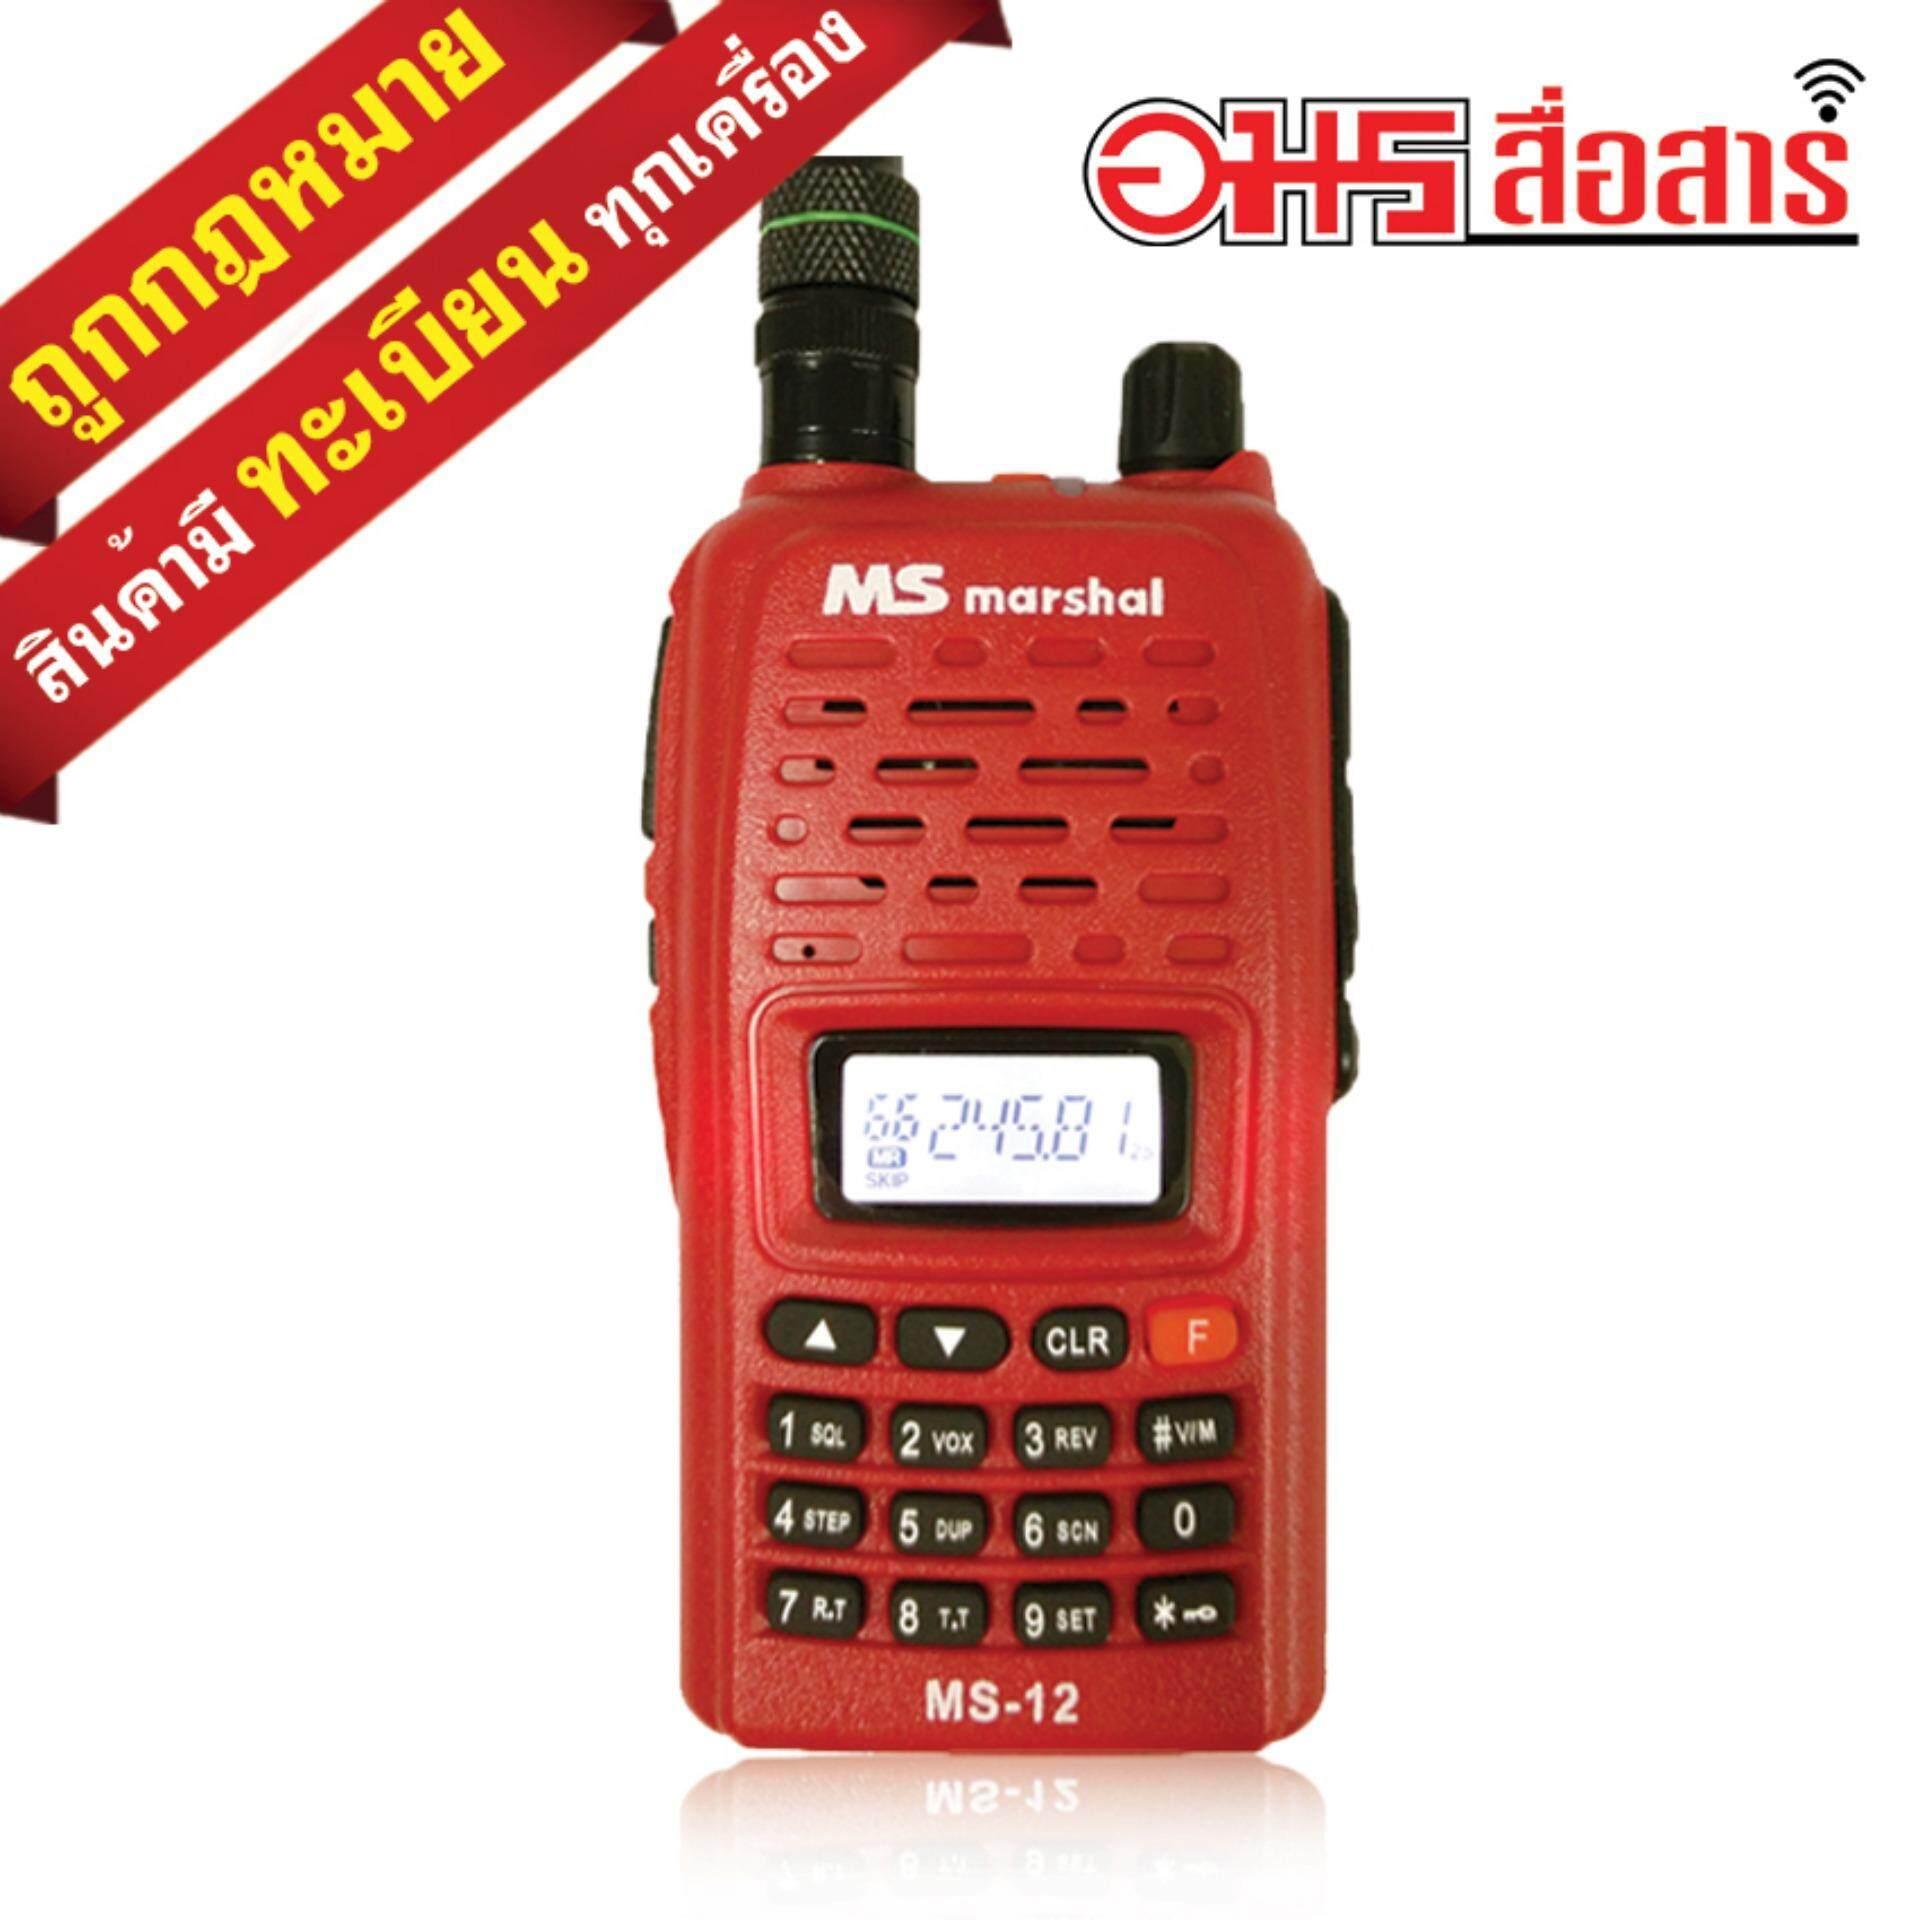 ราคา Ms Marshal วิทยุสื่อสาร 5W Ms 12 สีแดง Walkie Talkie Walkie Talkie อมรสื่อสาร ใหม่ล่าสุด